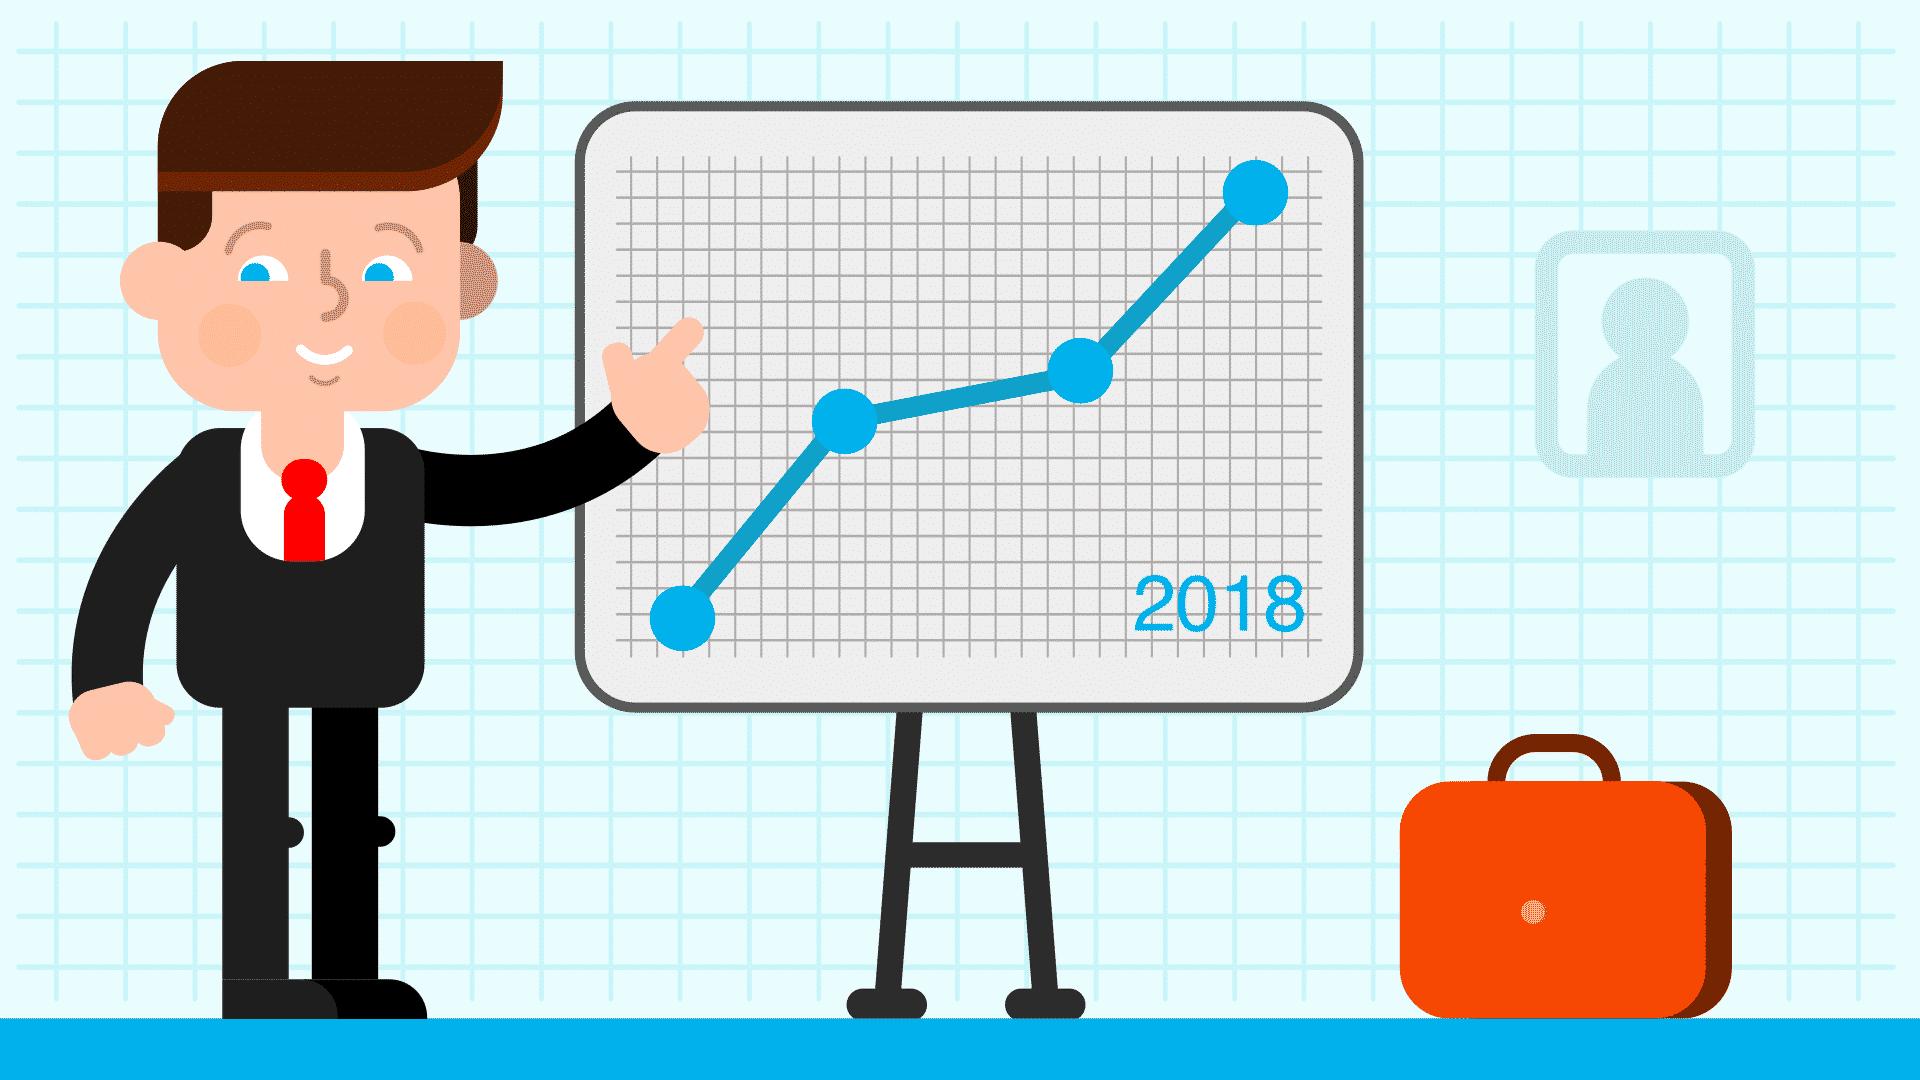 Le eCommerce en 2018 : Voici ce que les experts prédisent